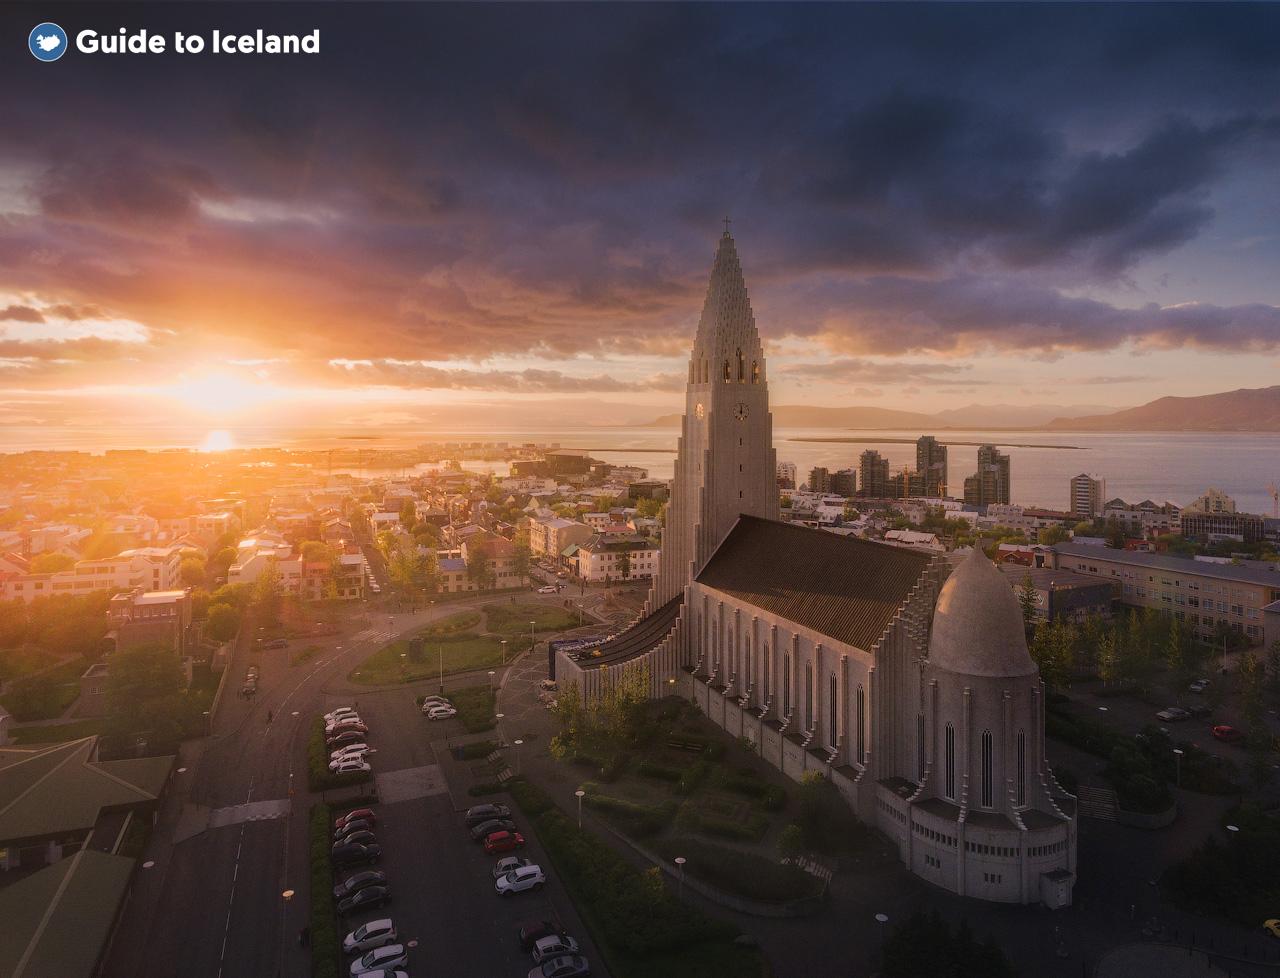 10-dniowa letnia, samodzielna wycieczka po całej obwodnicy Islandii z wodospadami i czarnymi plażami - day 10